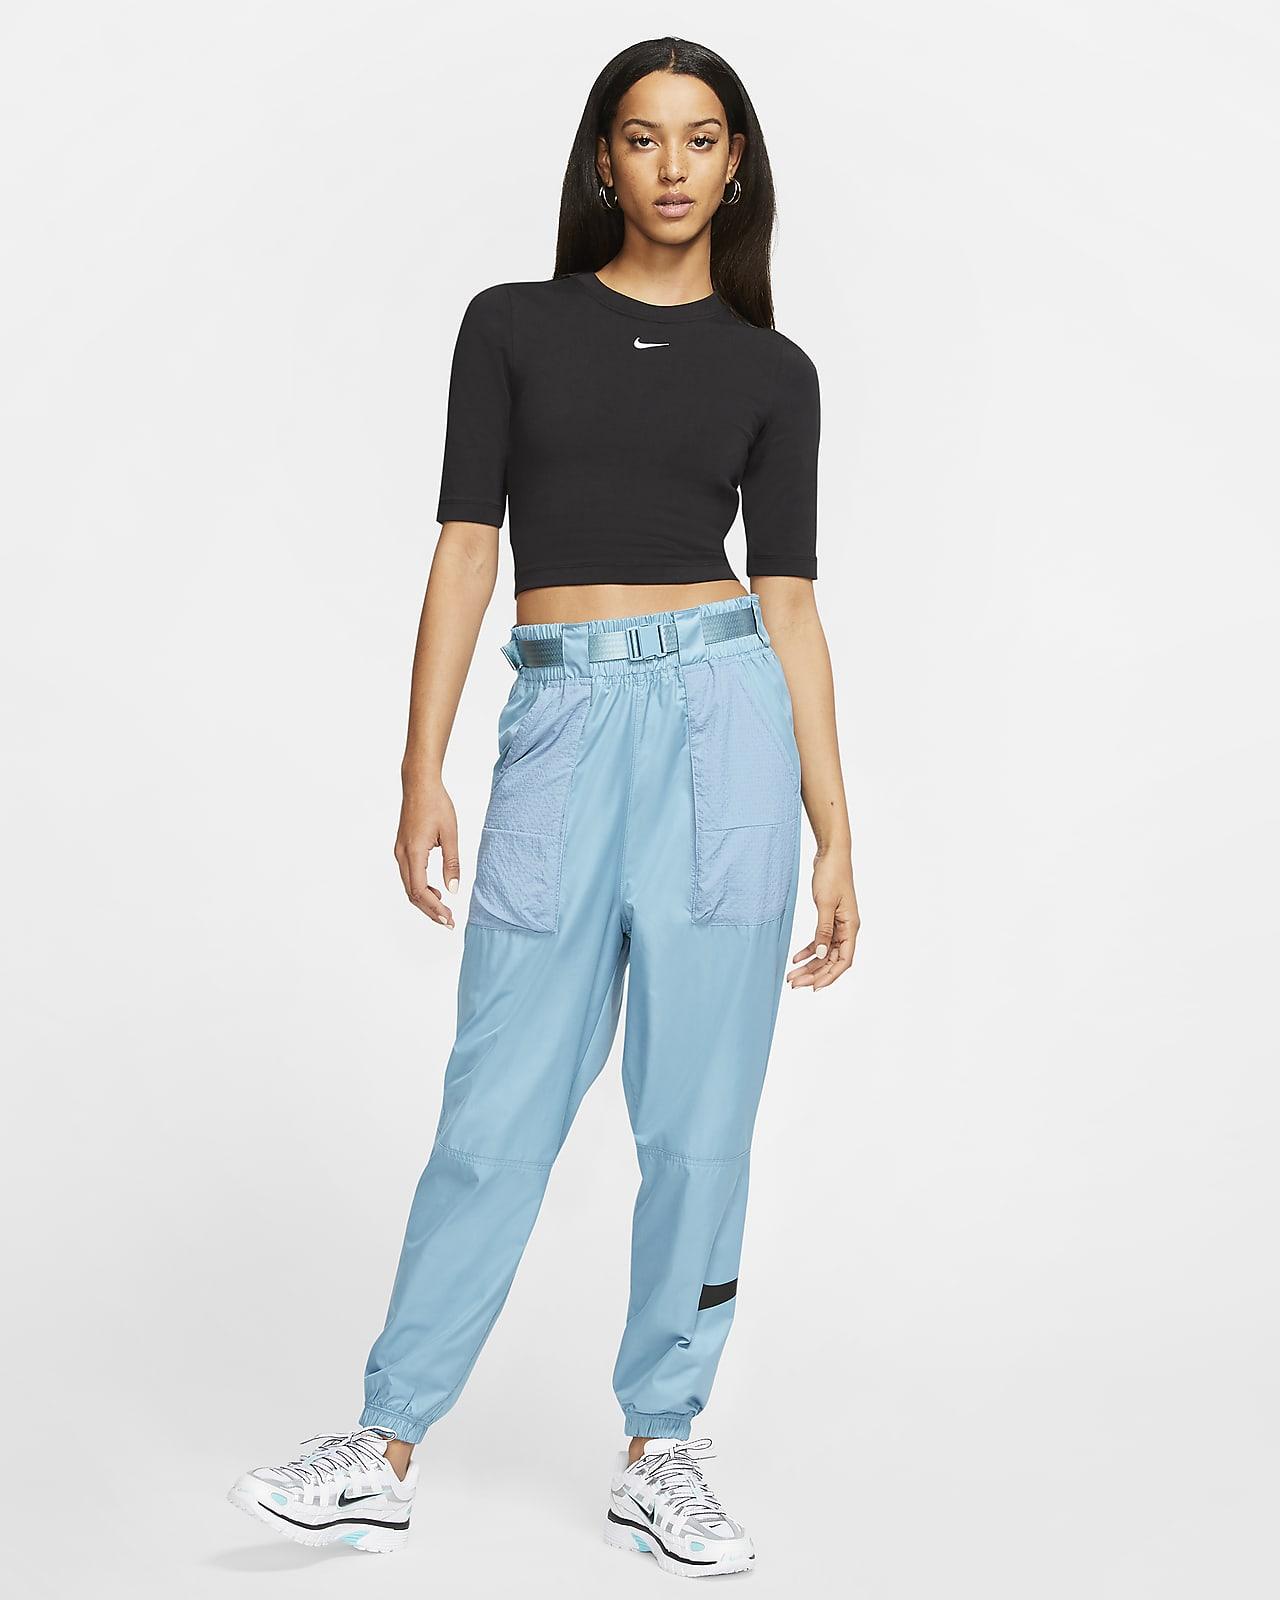 Nike Sportswear Essential Women's 3/4